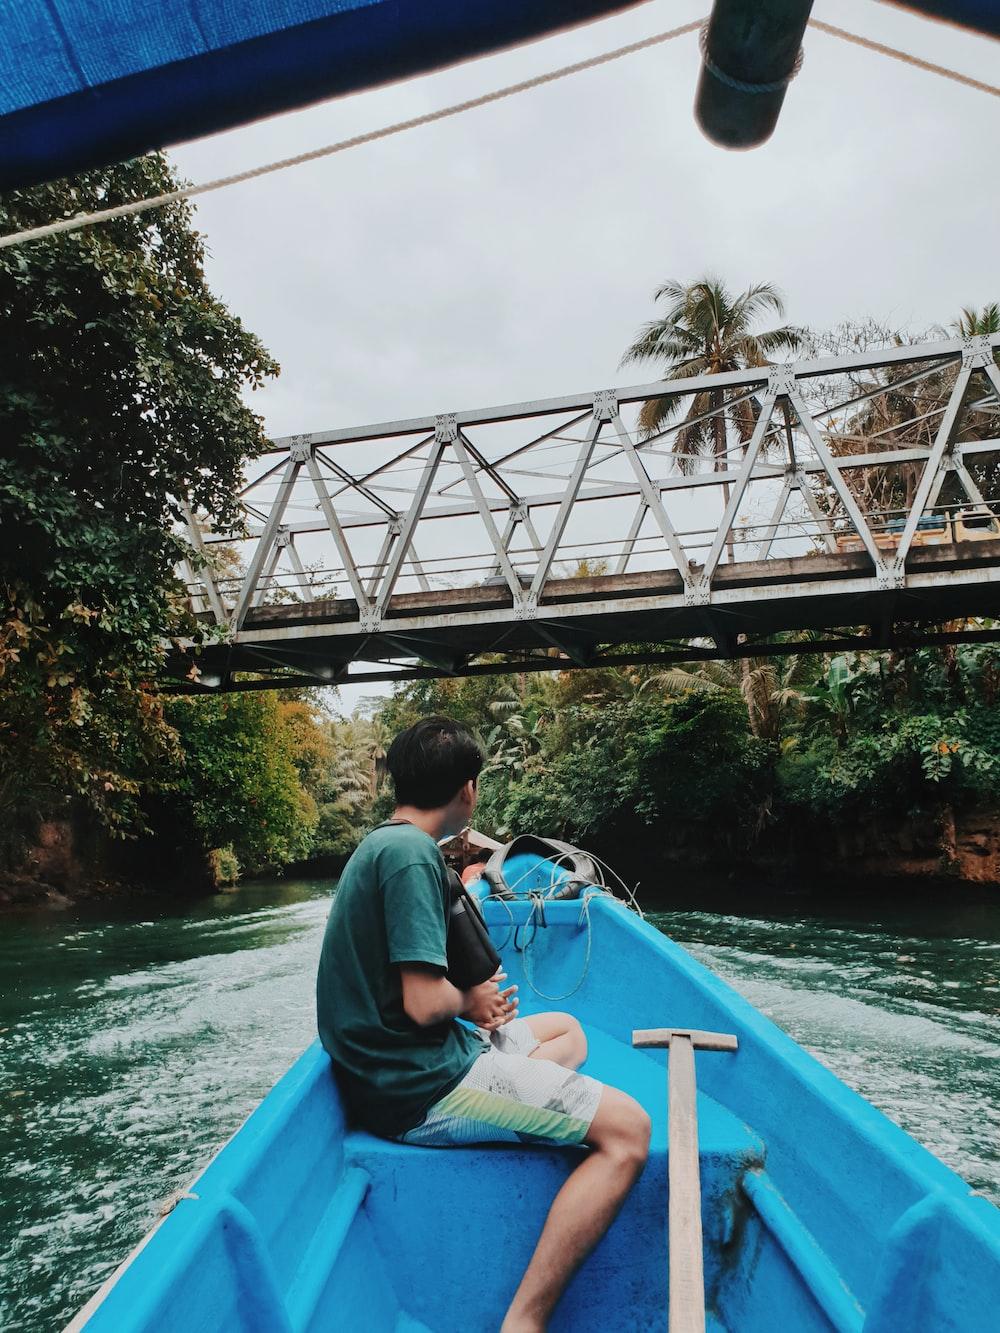 boy sitting on boat near bridge